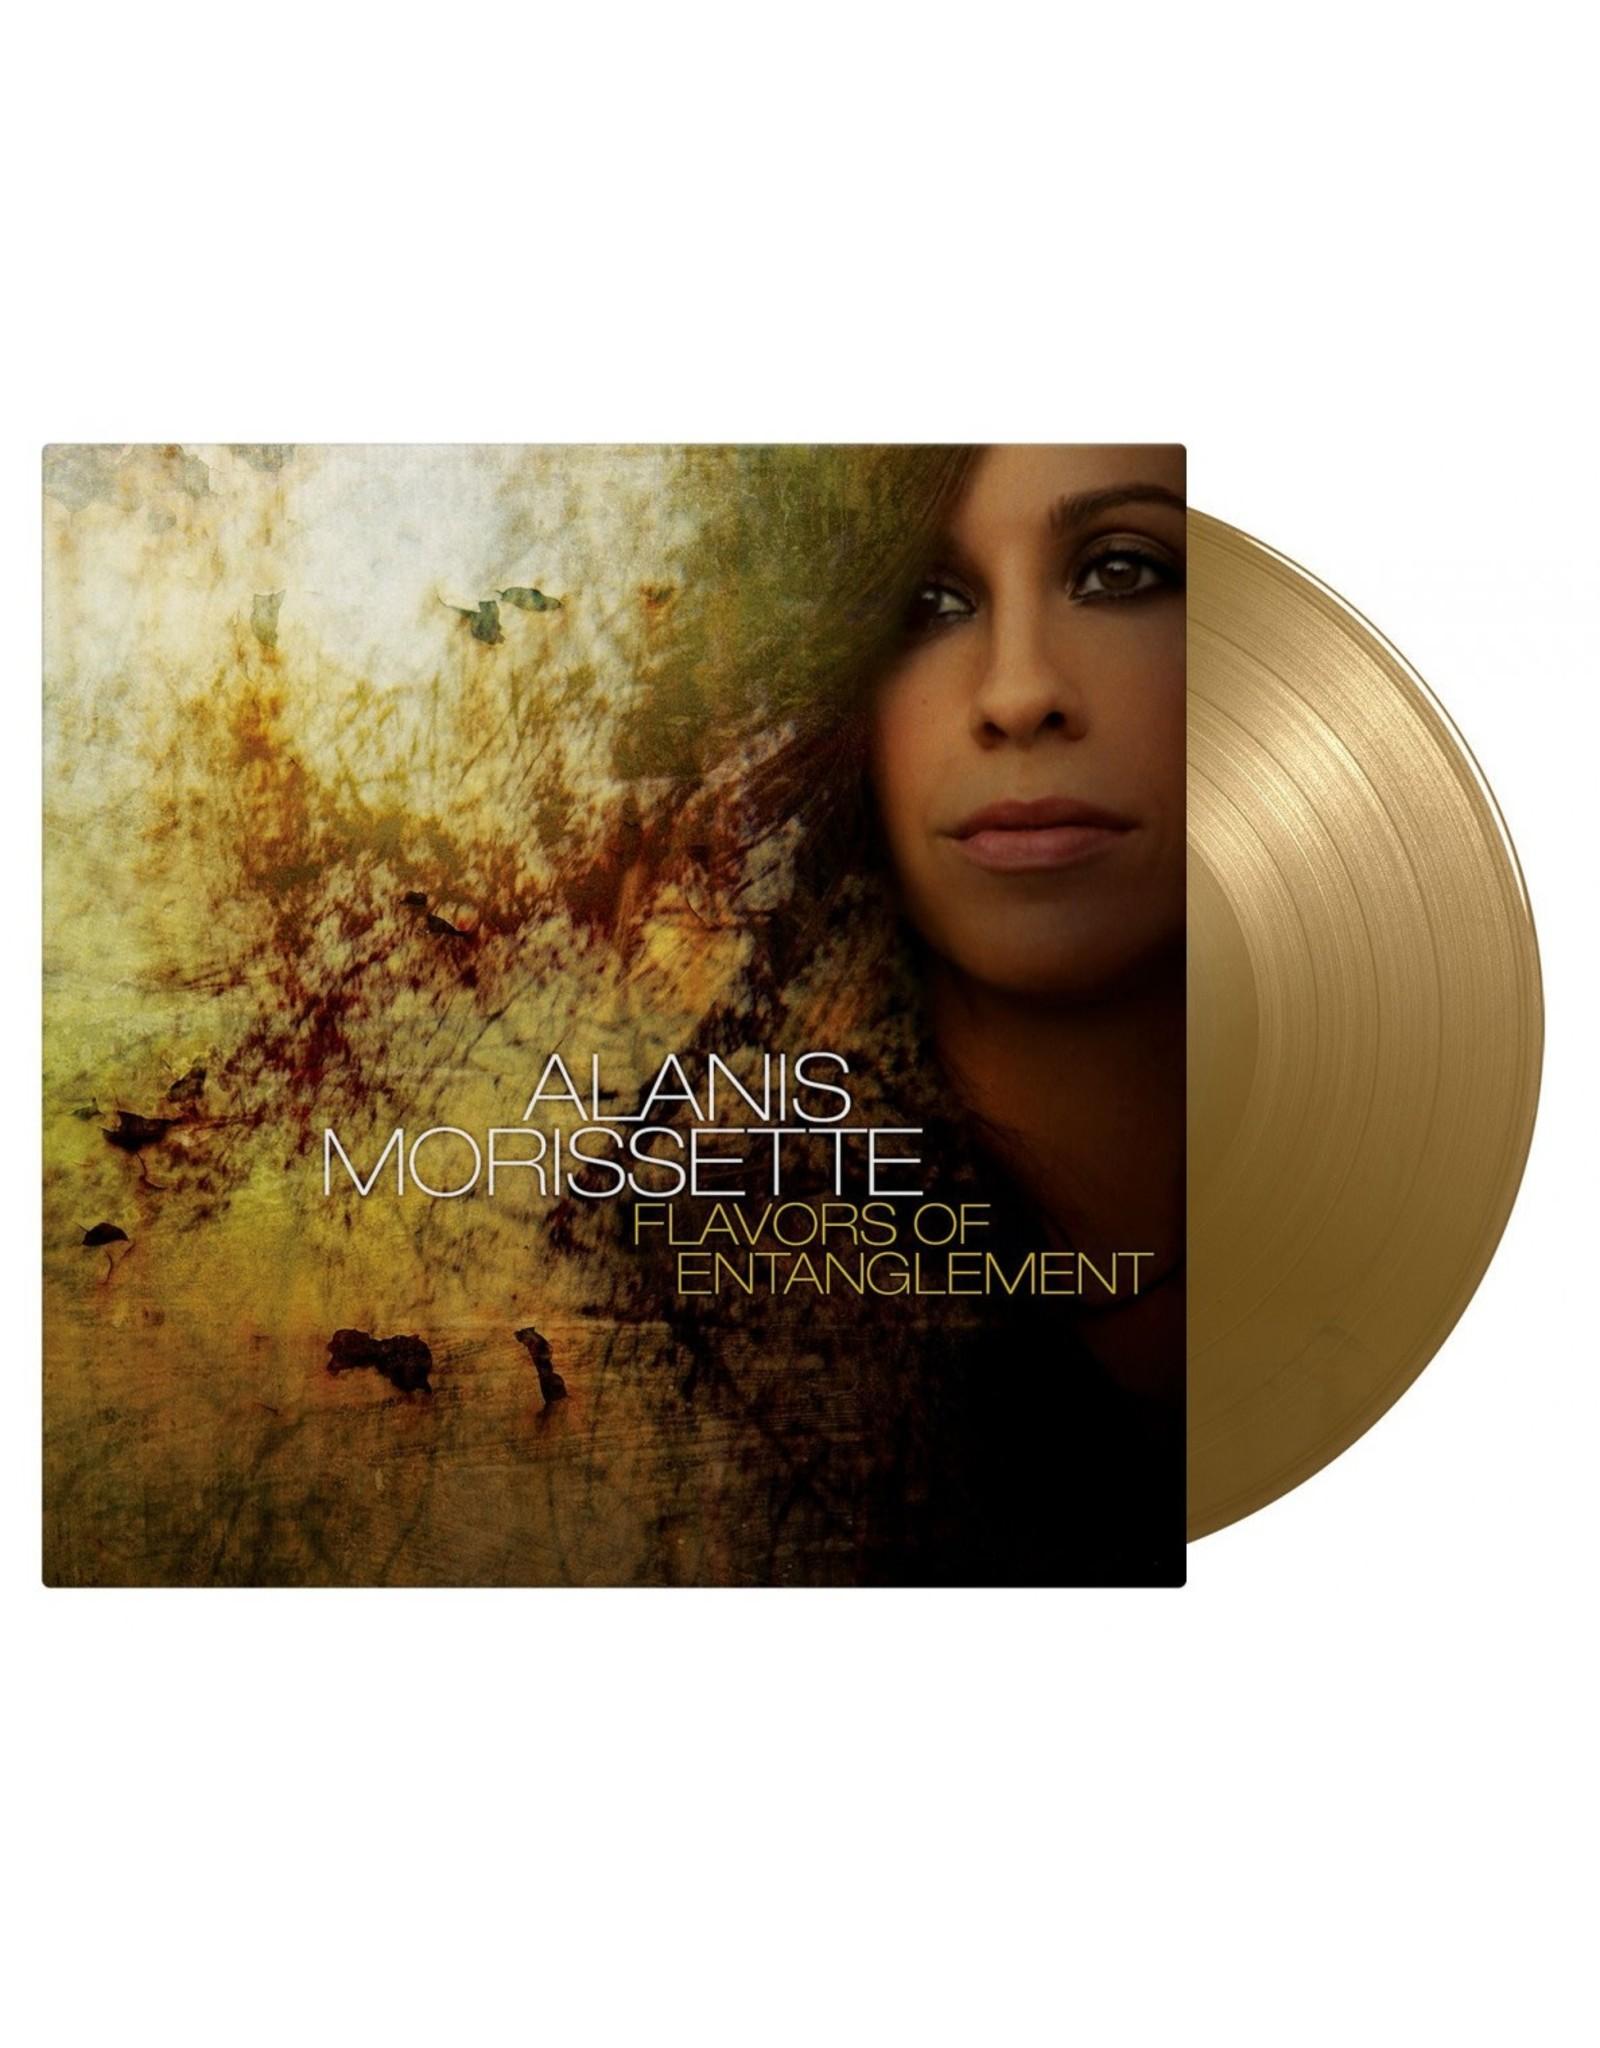 Alanis Morissette - Flavors Of Entanglement (Music On Vinyl) [Gold Vinyl]